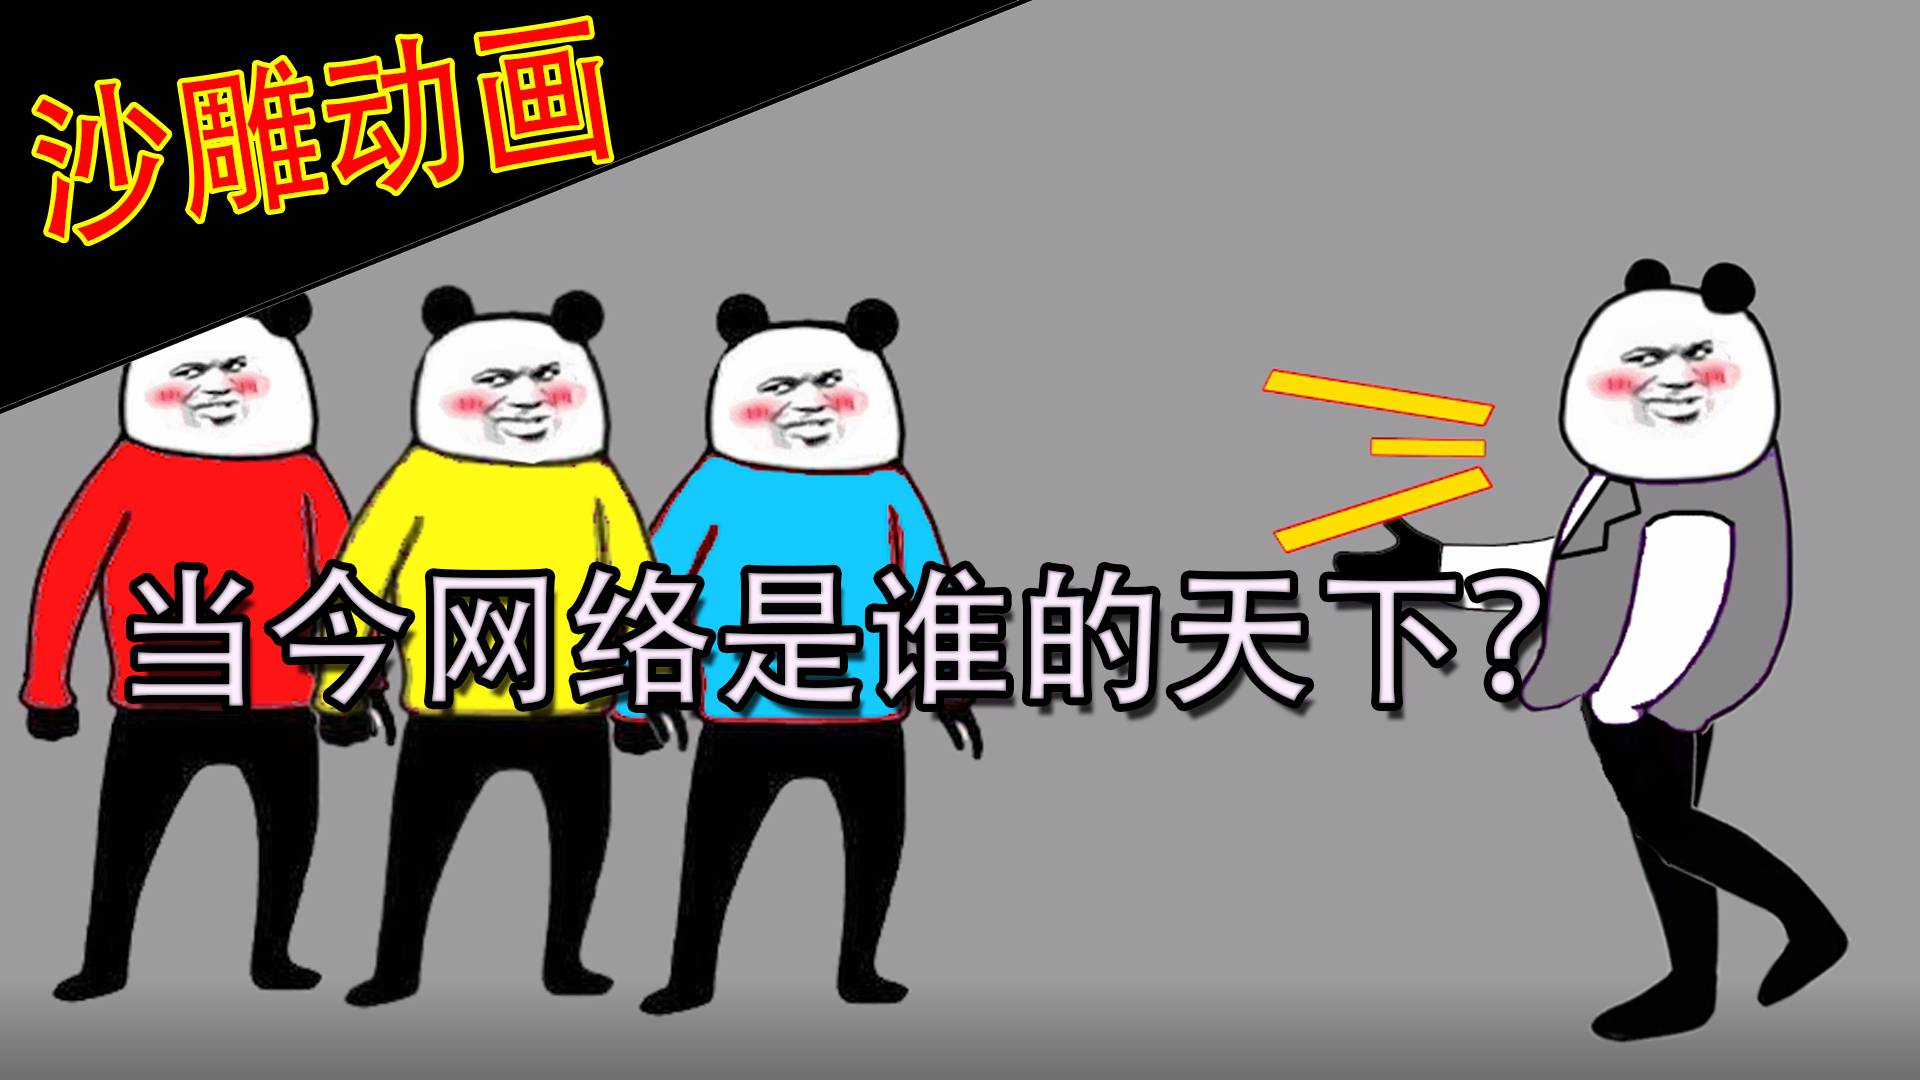 """【沙雕动画】当代""""恶臭""""网络媒体现状"""